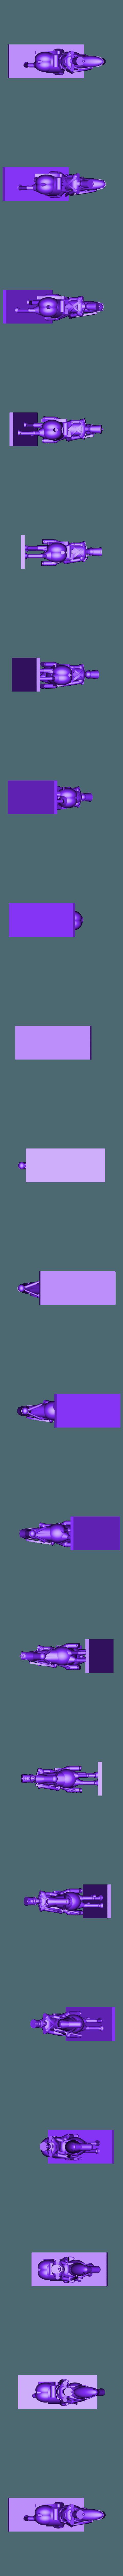 dragoon2_2.stl Télécharger fichier STL gratuit Napoléonien - Partie 4 - Cavalerie Britannique • Modèle pour impression 3D, Earsling